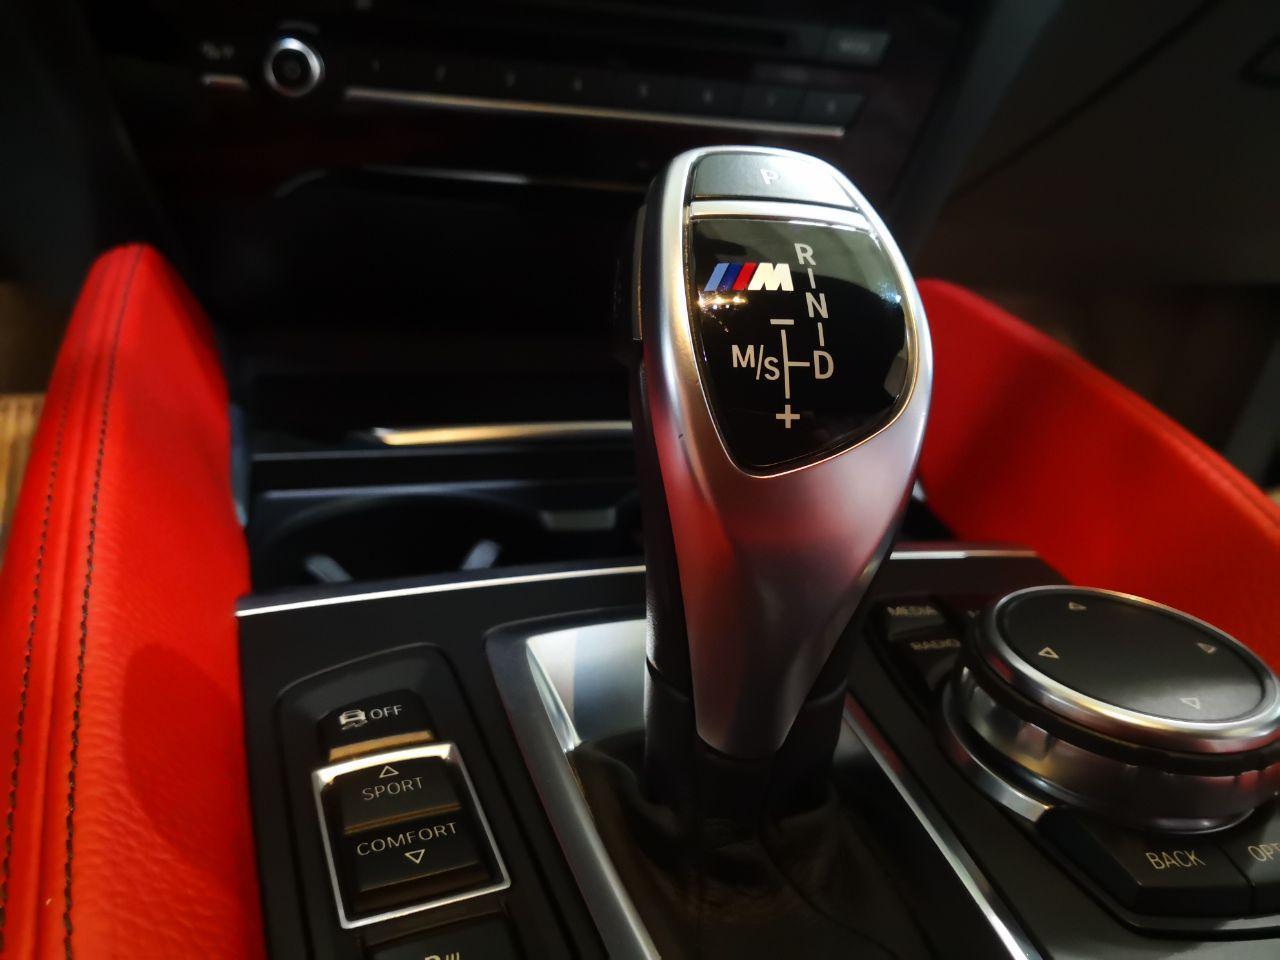 ручка переключения передач и шайба iDrive, x6m